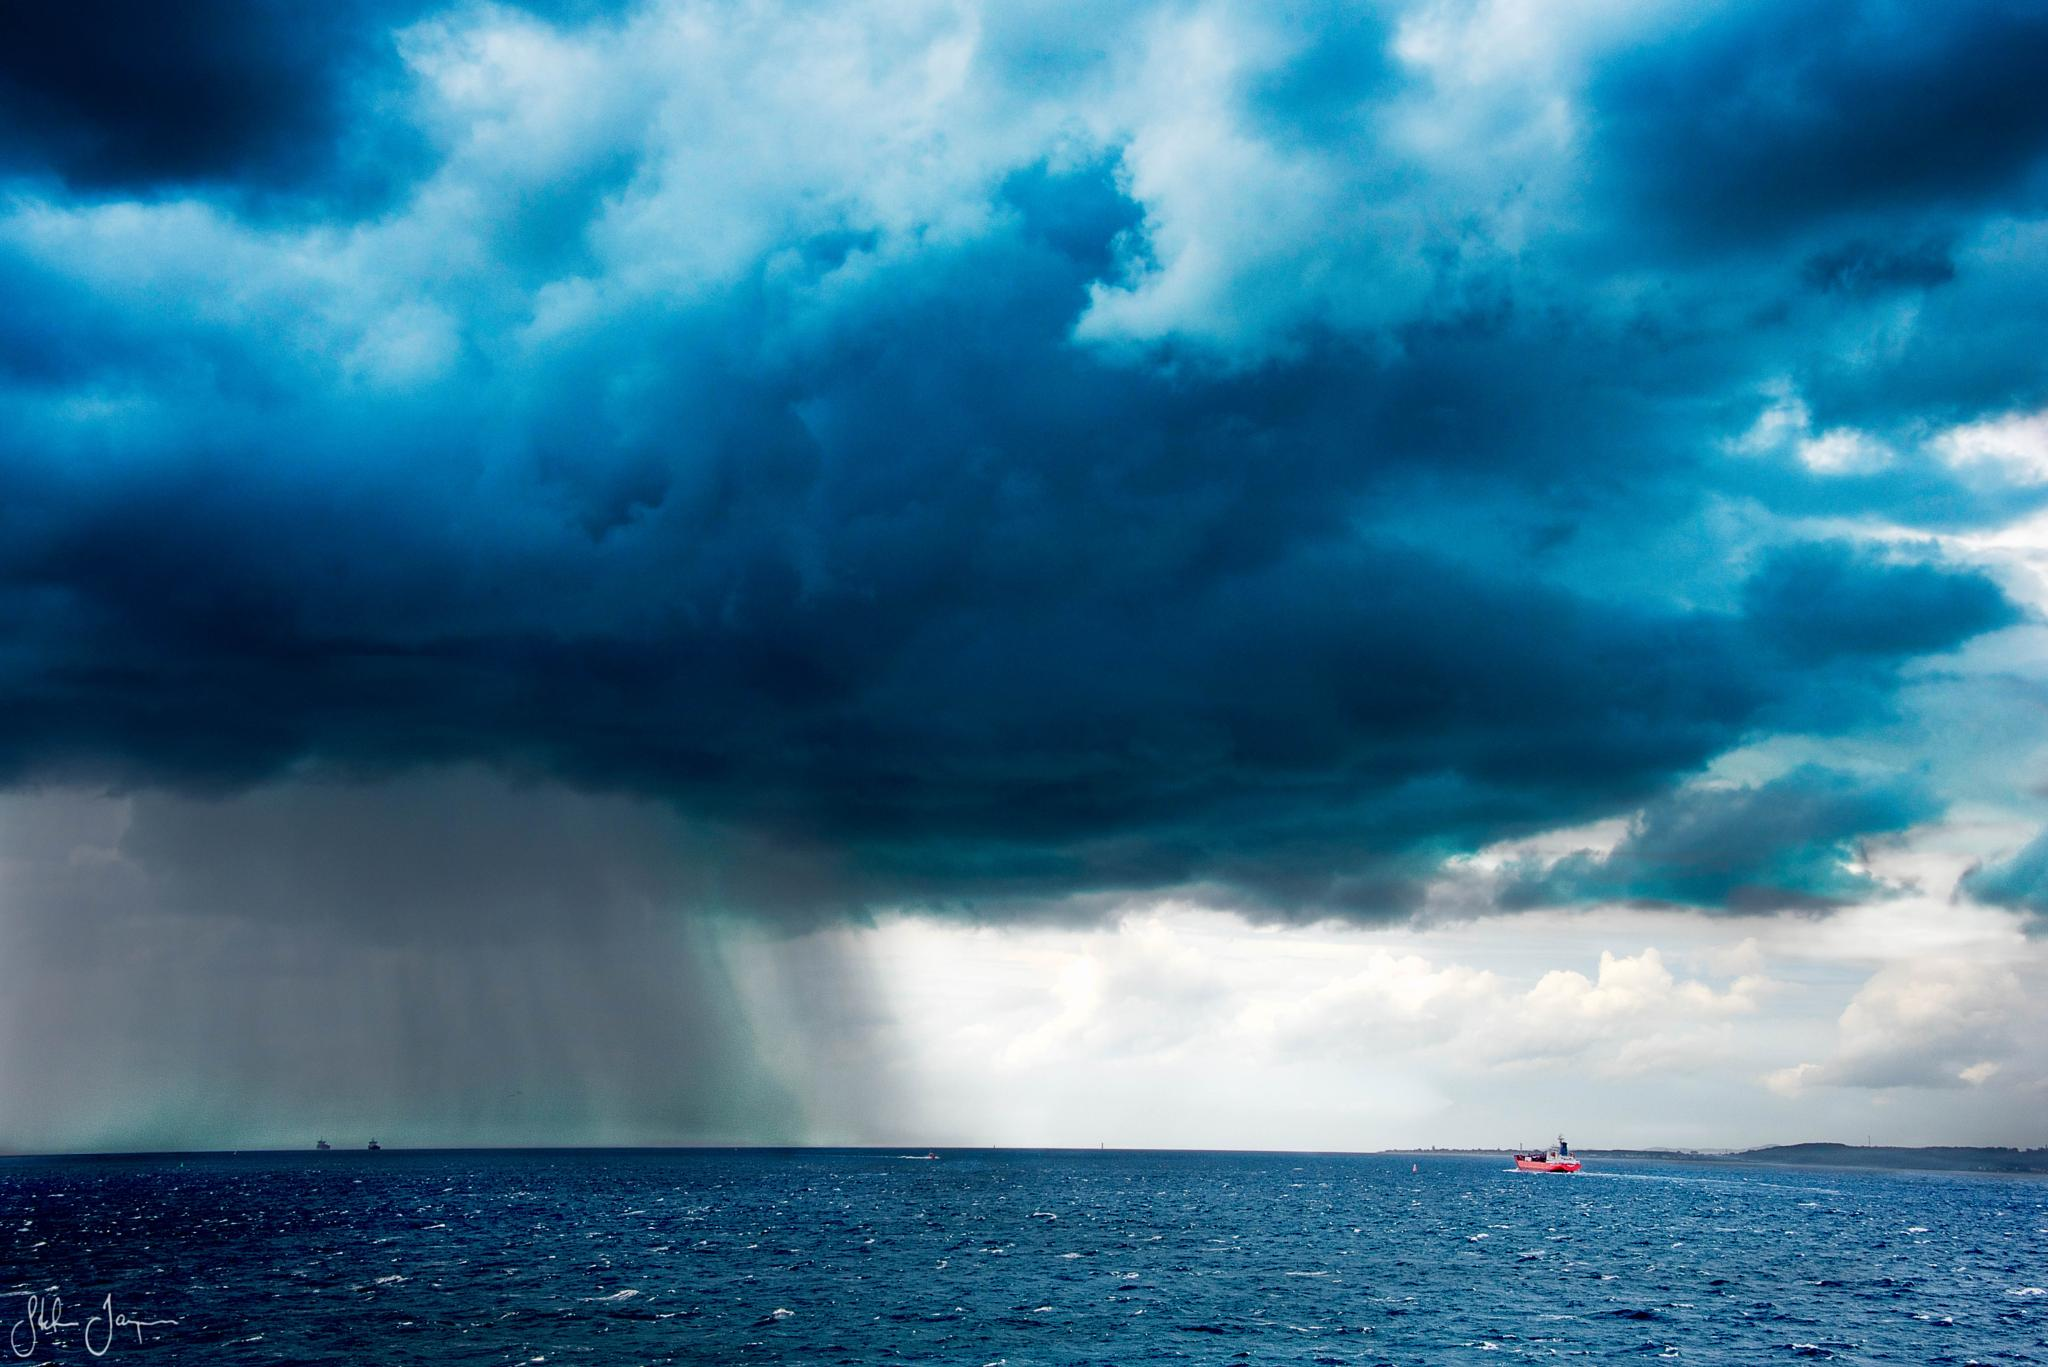 Heavy rain at sea by Stefan Janpár